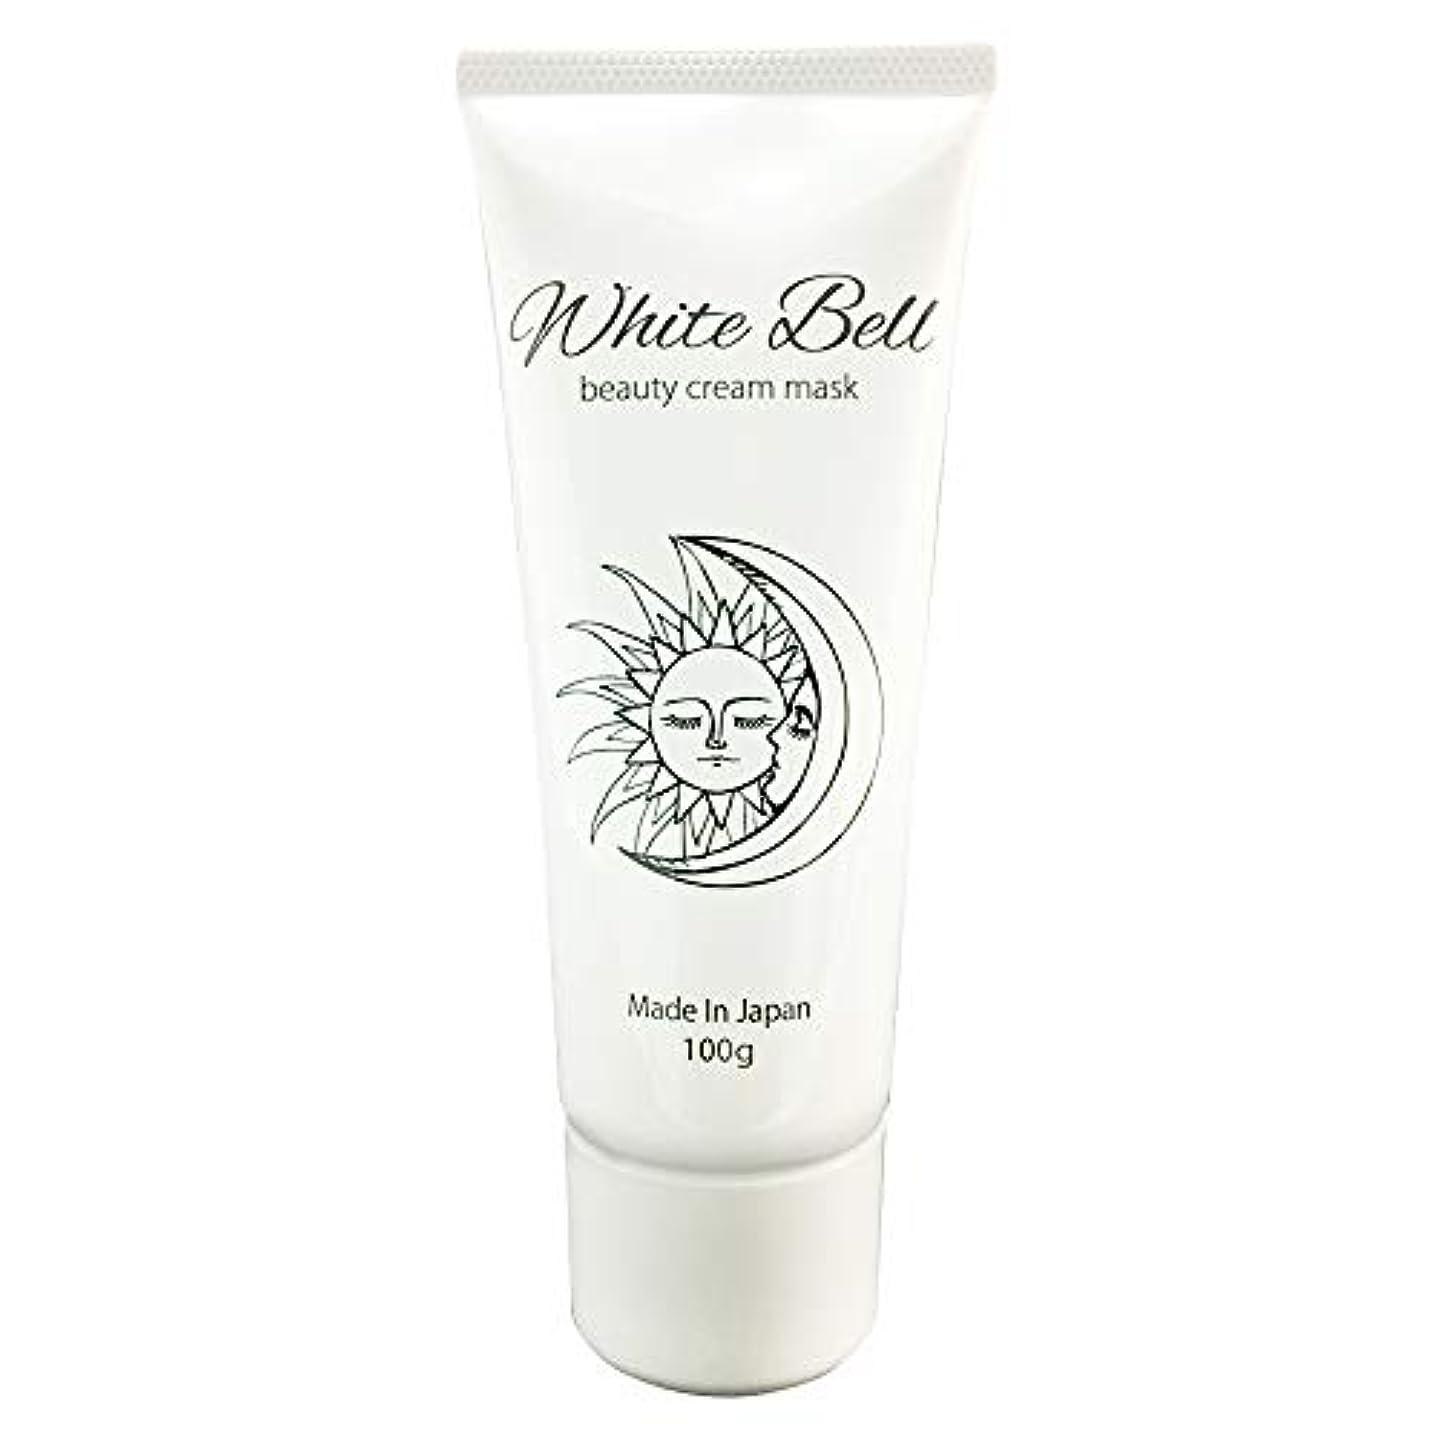 港狼の配列ホワイトベル ビューティークリームマスク White-Bell beauty cream mask ナイトクリーム オールインワン